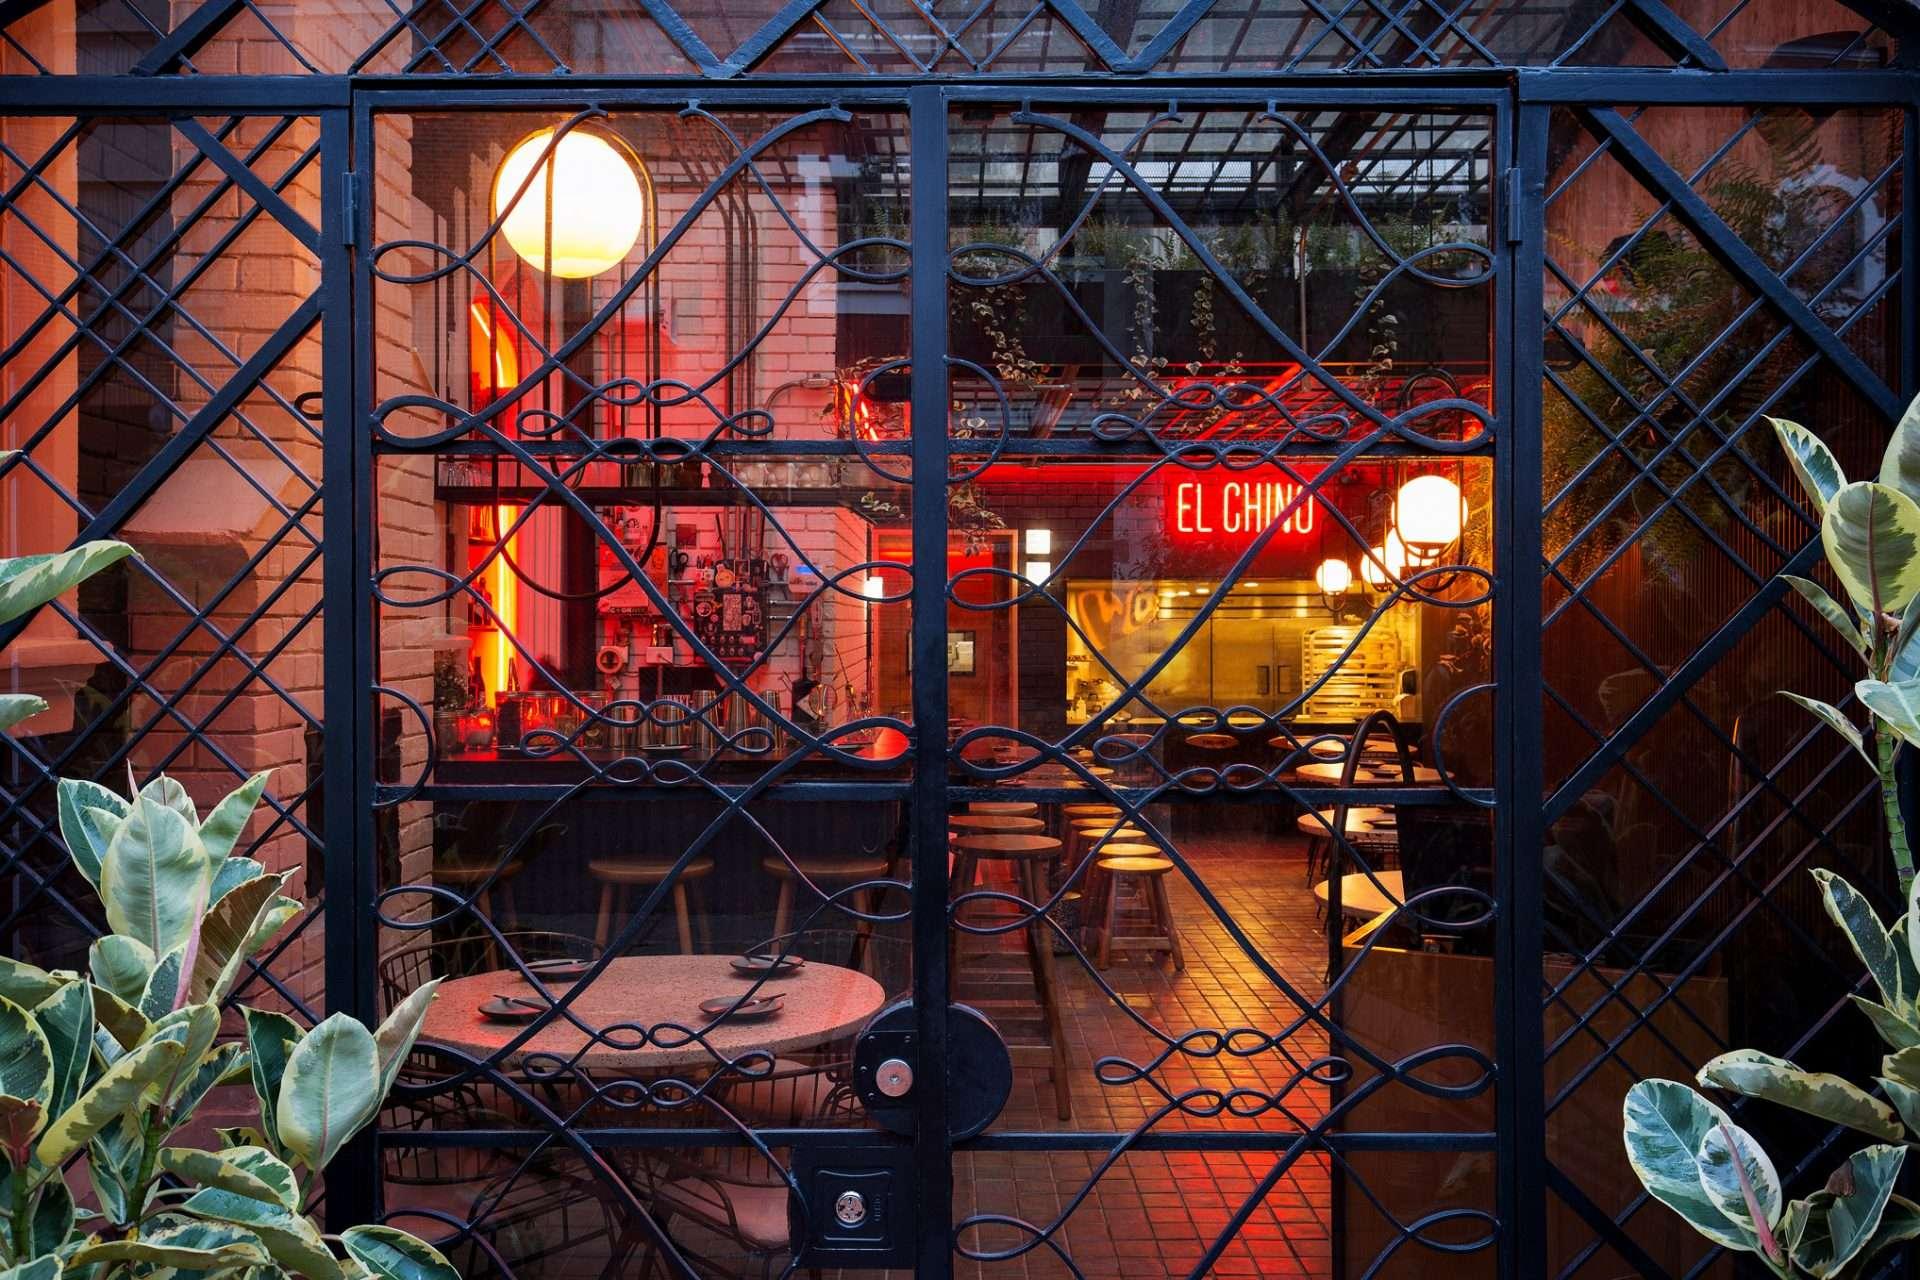 08.elchino.colette.duque.arquitectura.simon.bosch.bogota.dimsum.interior.restaurant